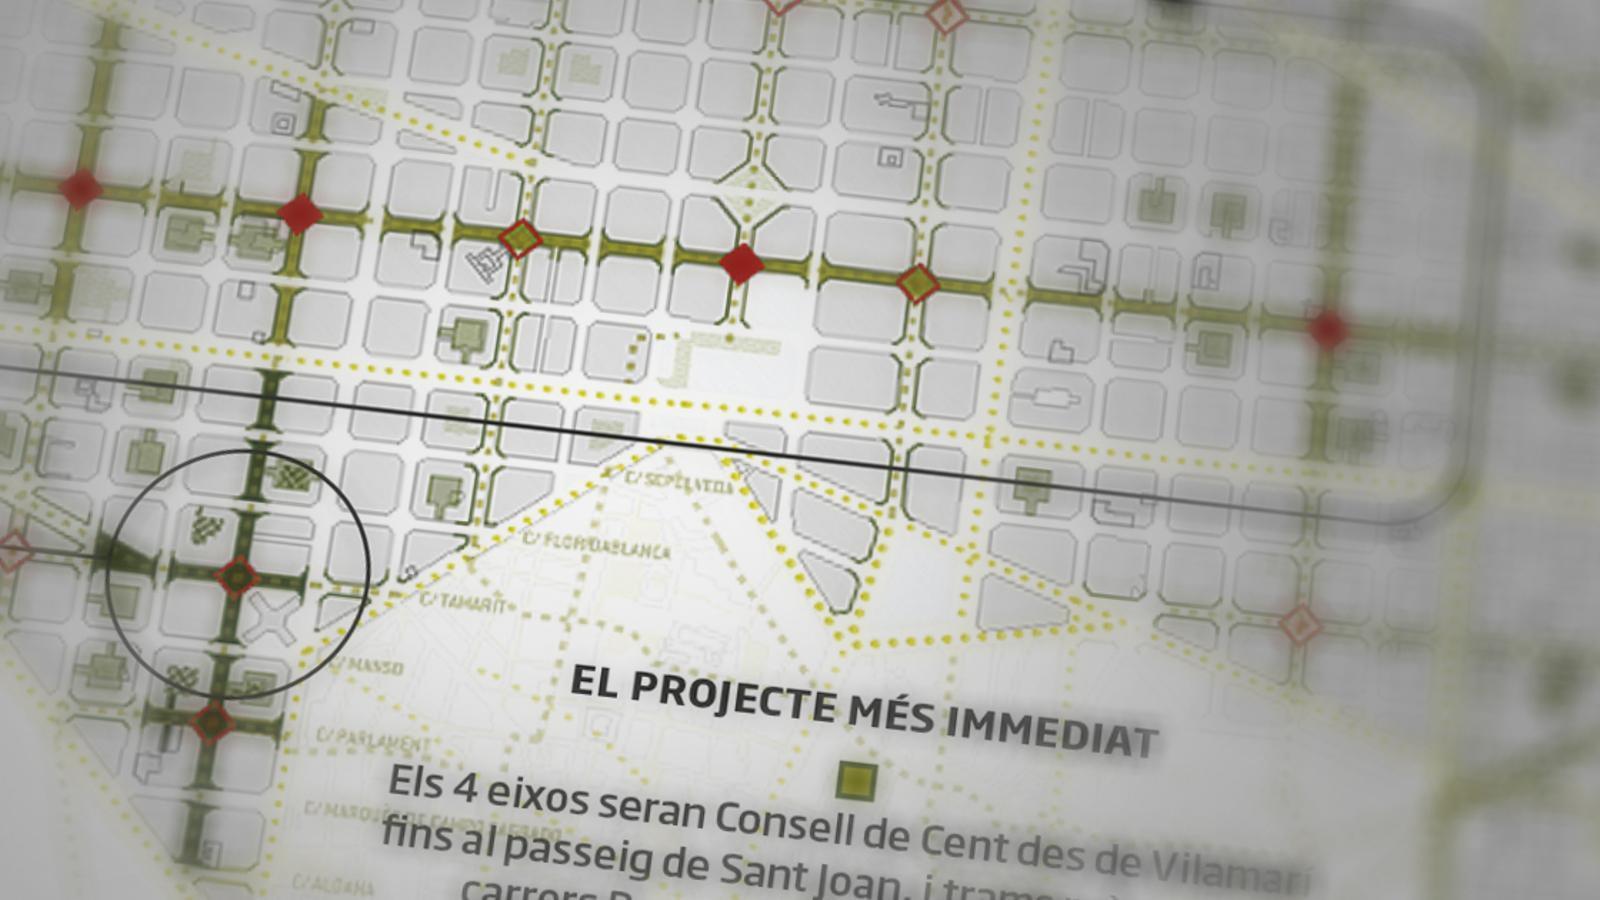 Barcelona engega el pla per pacificar un de cada tres carrers de l'Eixample en deu anys